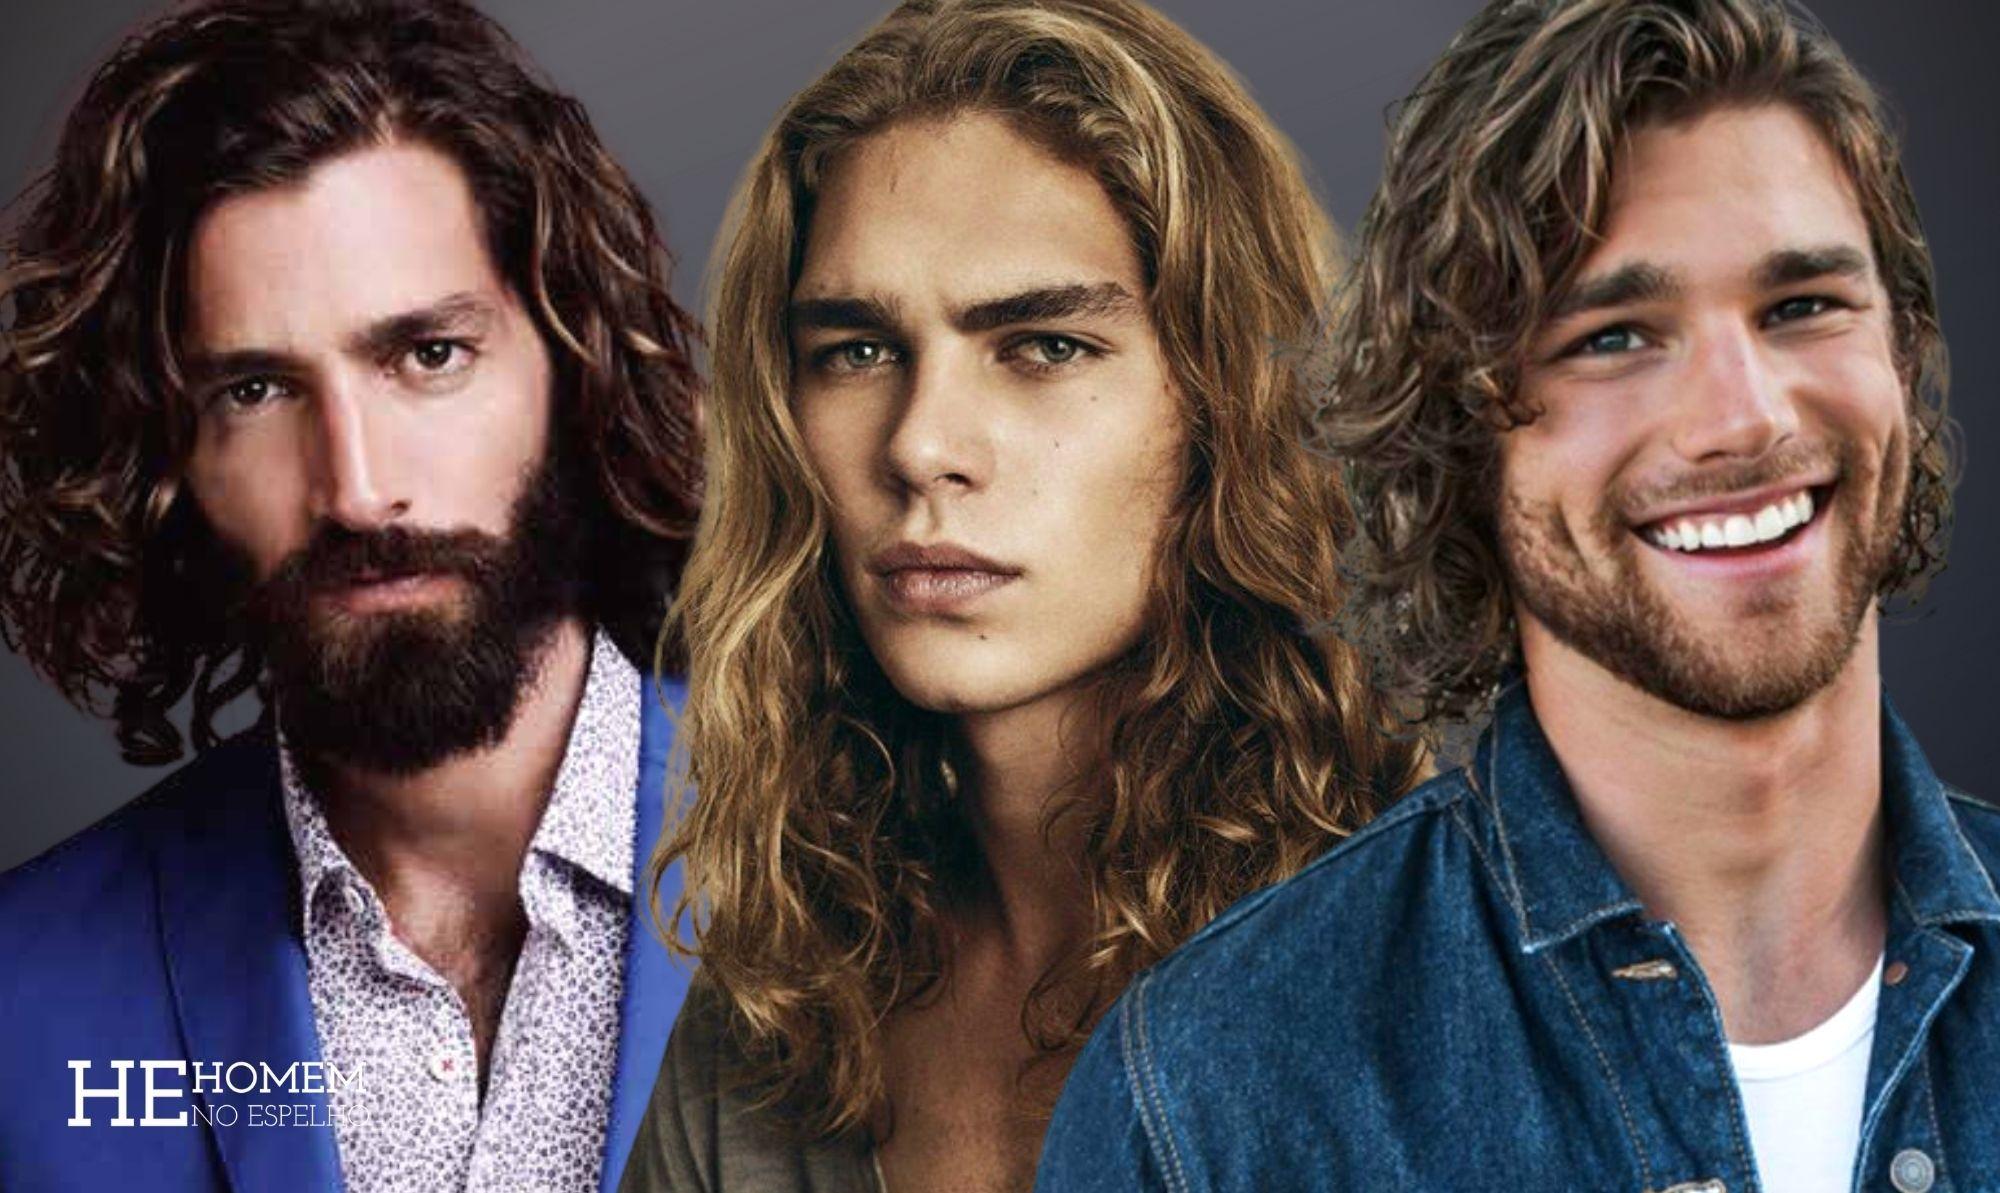 Homem No Espelho - Cortes de cabelo inspirados no rock